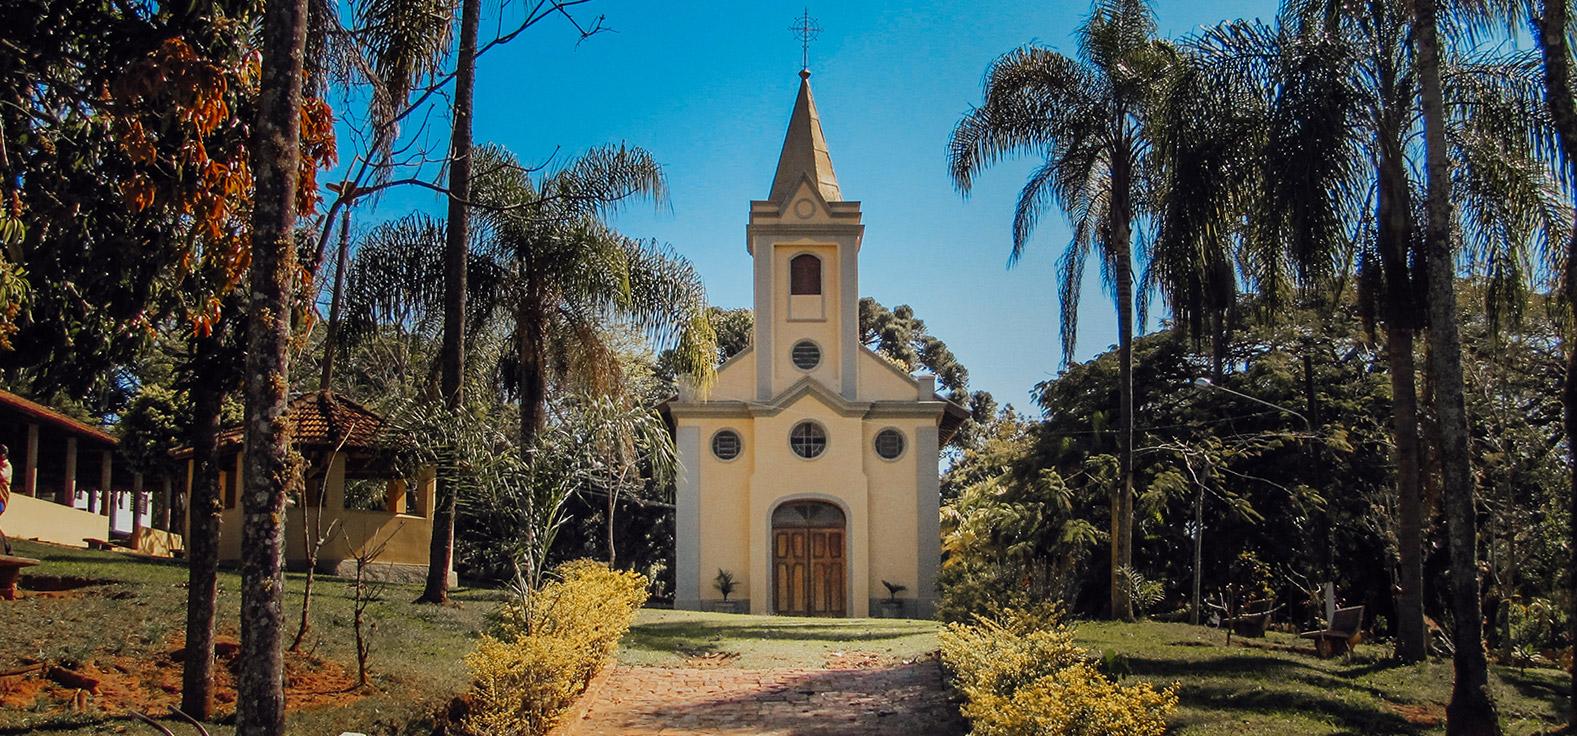 Vila de Itaquerí em Itirapina | Portal Serra do Itaquerí